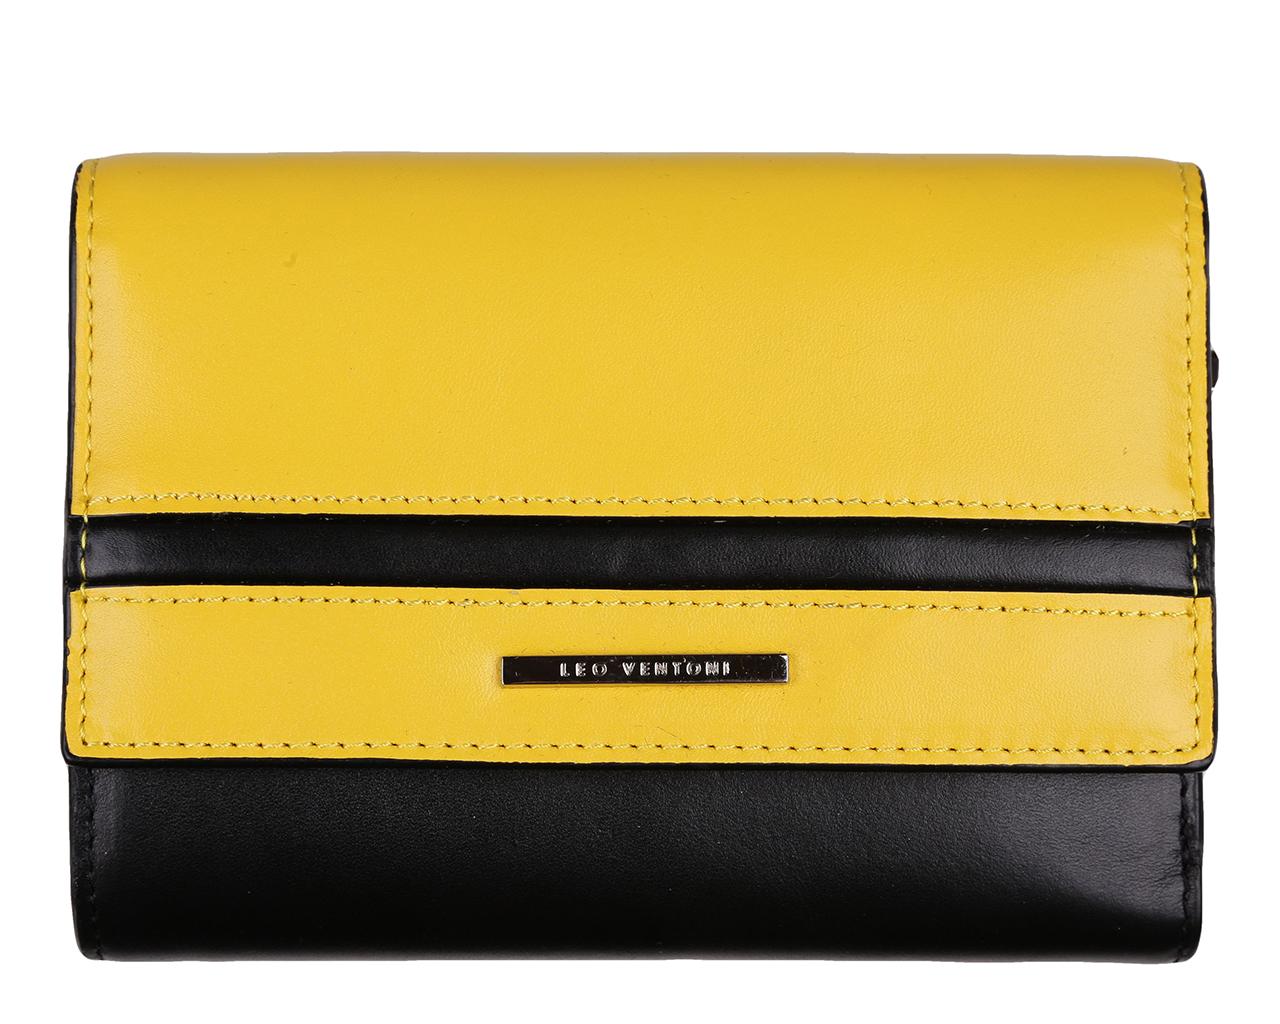 Кошелек женский Leo Ventoni, цвет: черный, желтый. L330724L330724 nero/yellowСтильный кошелек Leo Ventoni выполнен из натуральной кожи и оформлен металлической фурнитурой с символикой бренда. Внутренняя часть изделия выполнена из текстиля и натуральной кожи. Изделие закрывается на копку. Кошелек содержит три отделения для купюр, одно из которых на застежке-молнии, пять боковых карманов, девять кармашков для кредитных карт или визиток, два из которых с прозрачным окошком из мягкого пластика. Снаружи, на тыльной стороне кошелька, расположен врезной карман на застежке-молнии для монет. Стильный кошелек Leo Ventoni станет отличным подарком для человека, ценящего качественные и практичные вещи.